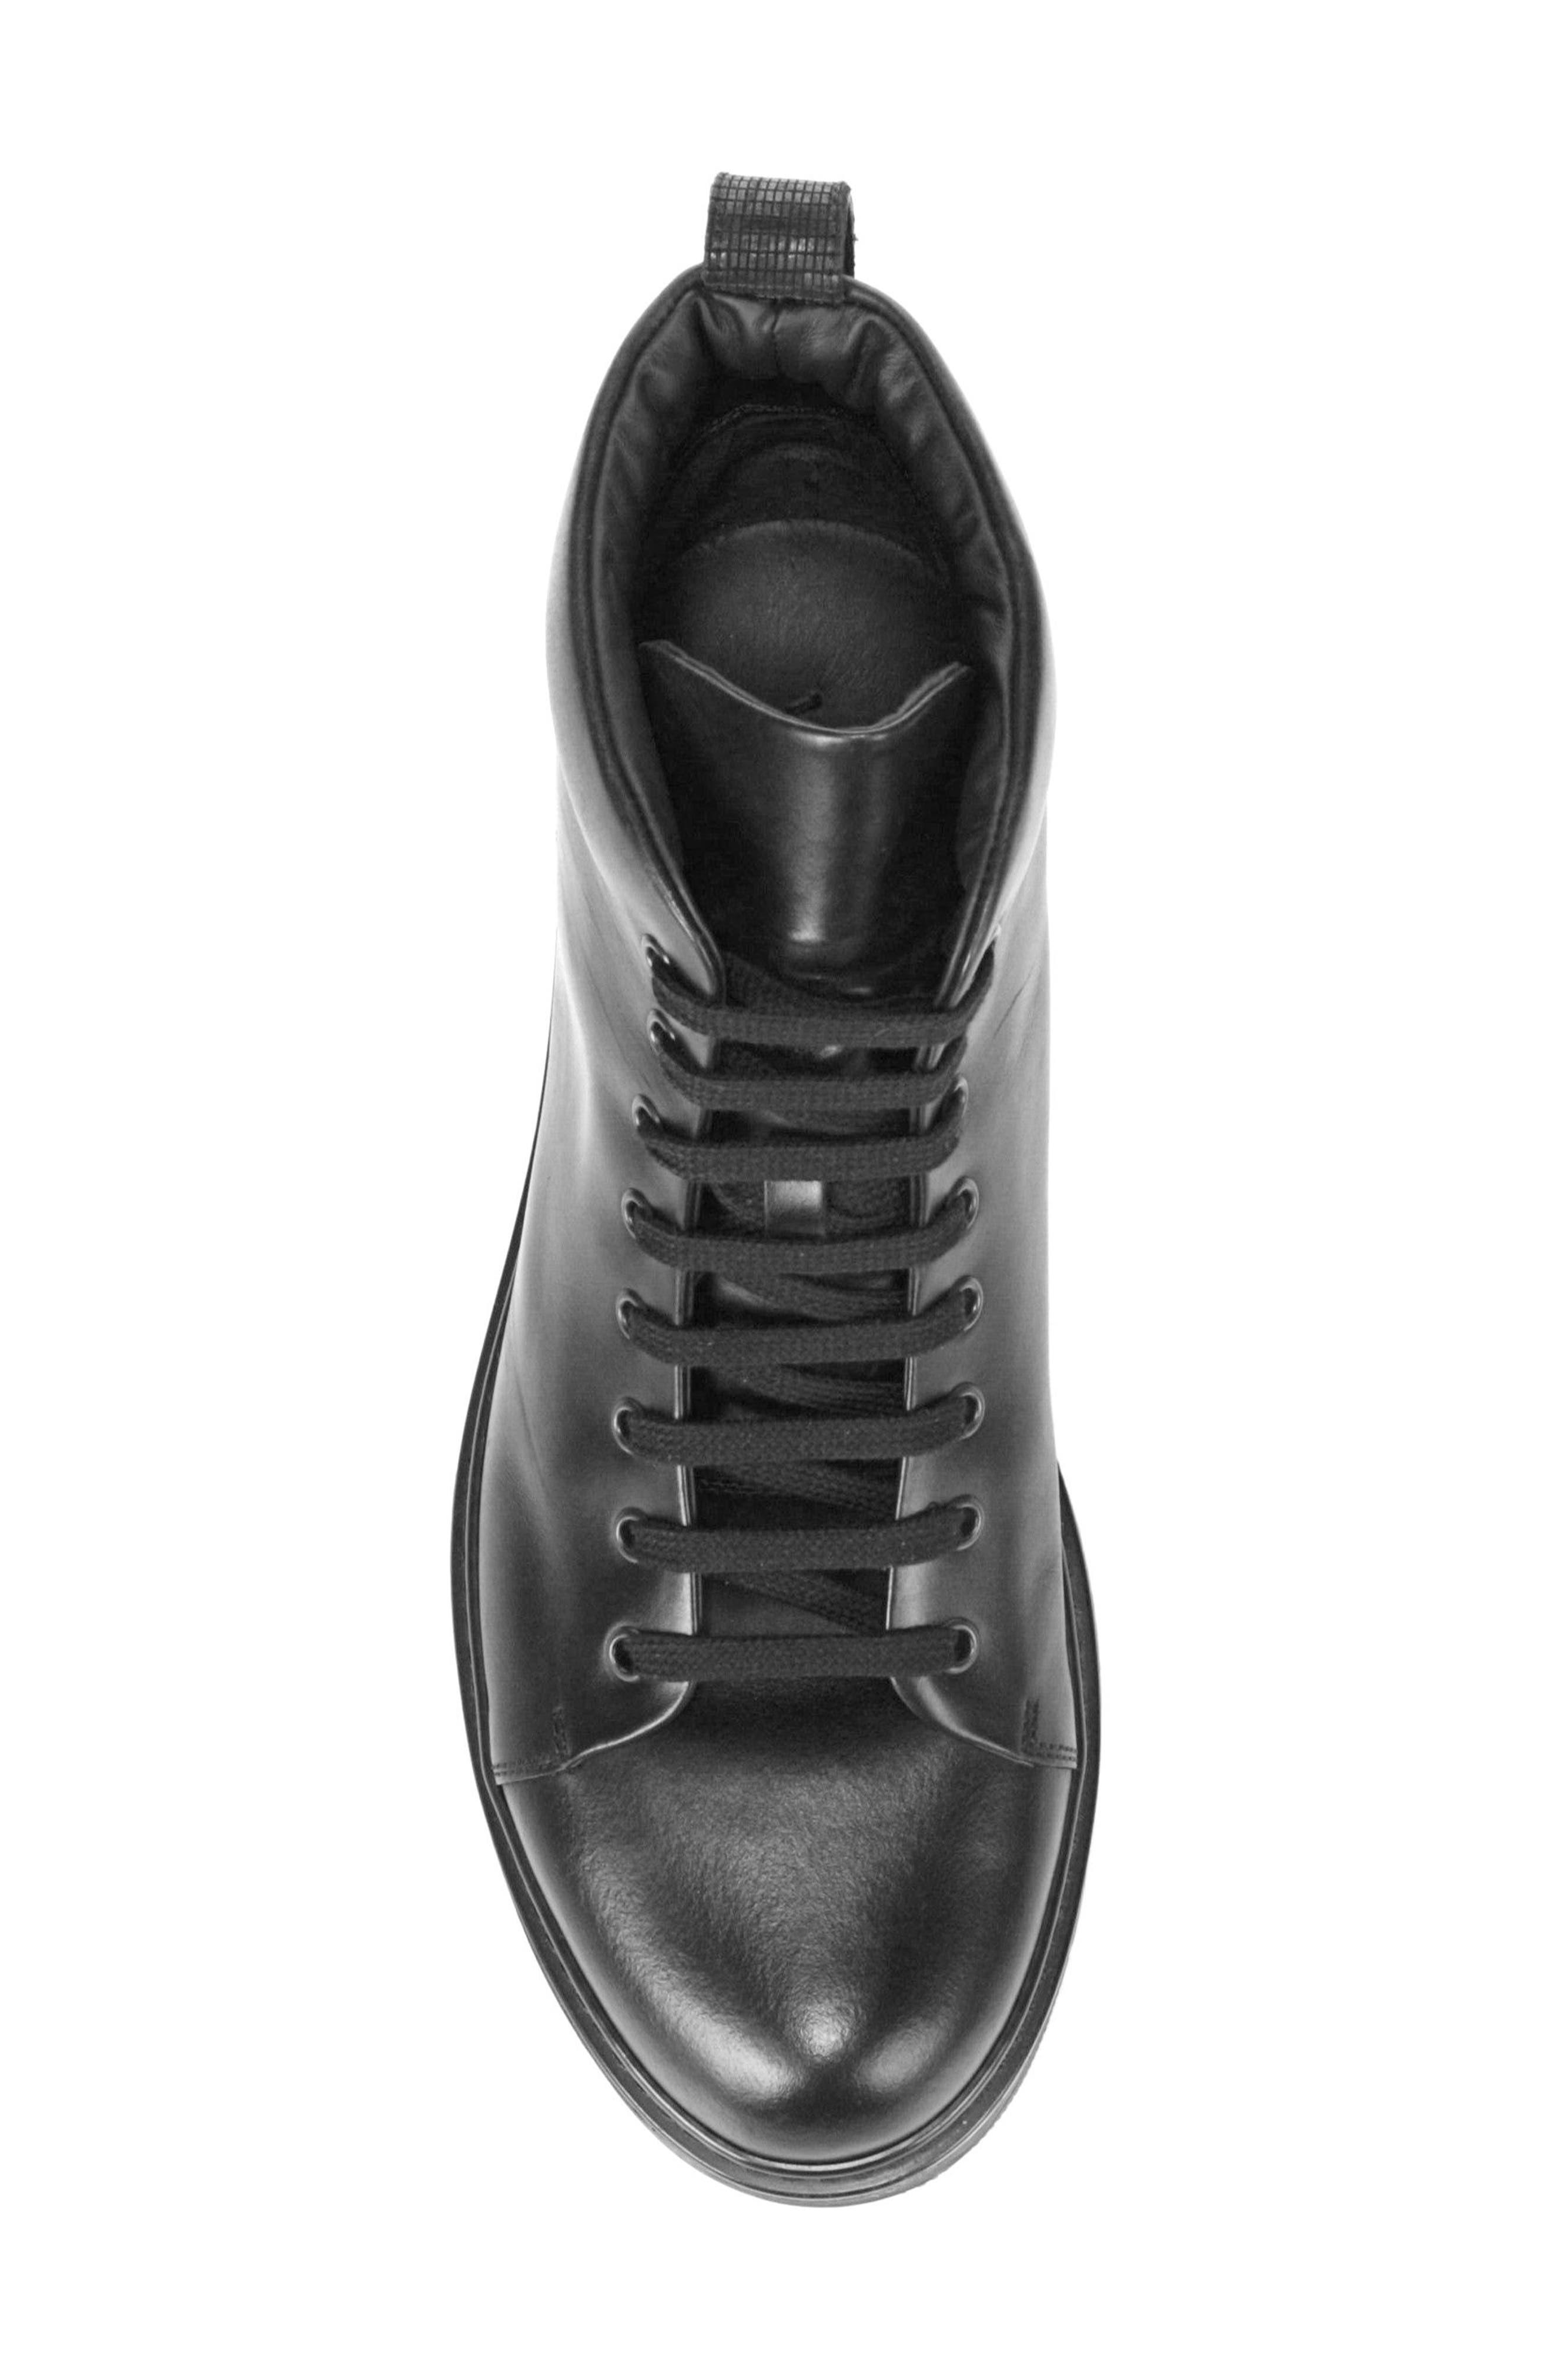 Malone Plain Toe Boot,                             Alternate thumbnail 5, color,                             001